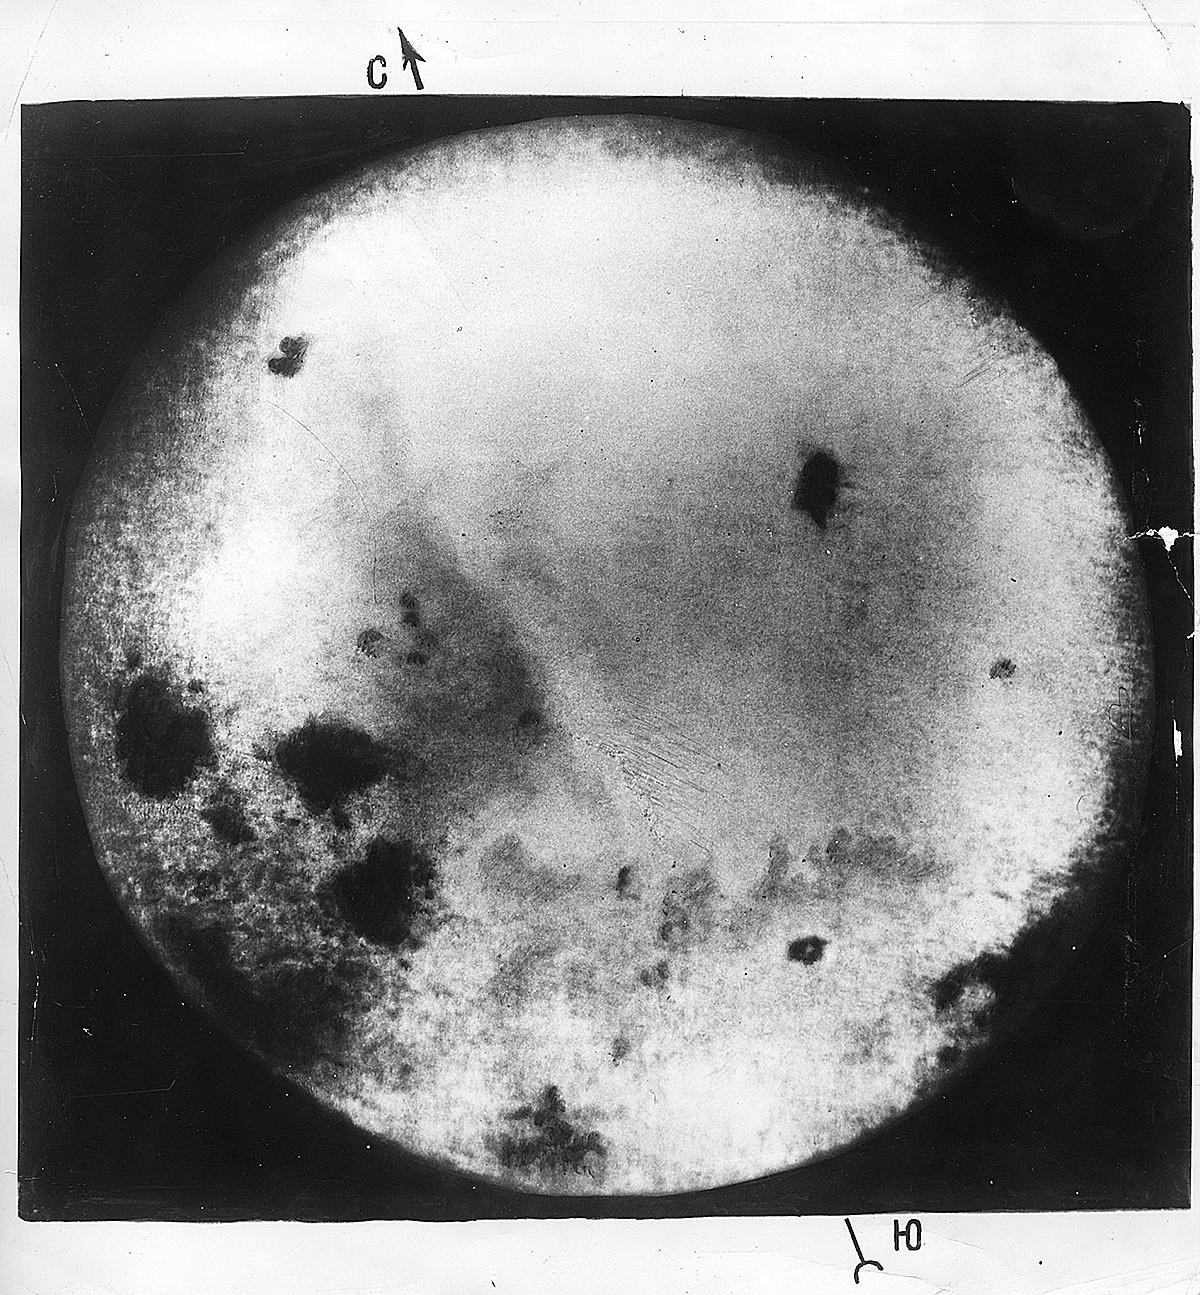 Una de las primeras fotografías del Lado Oscuro de la Luna